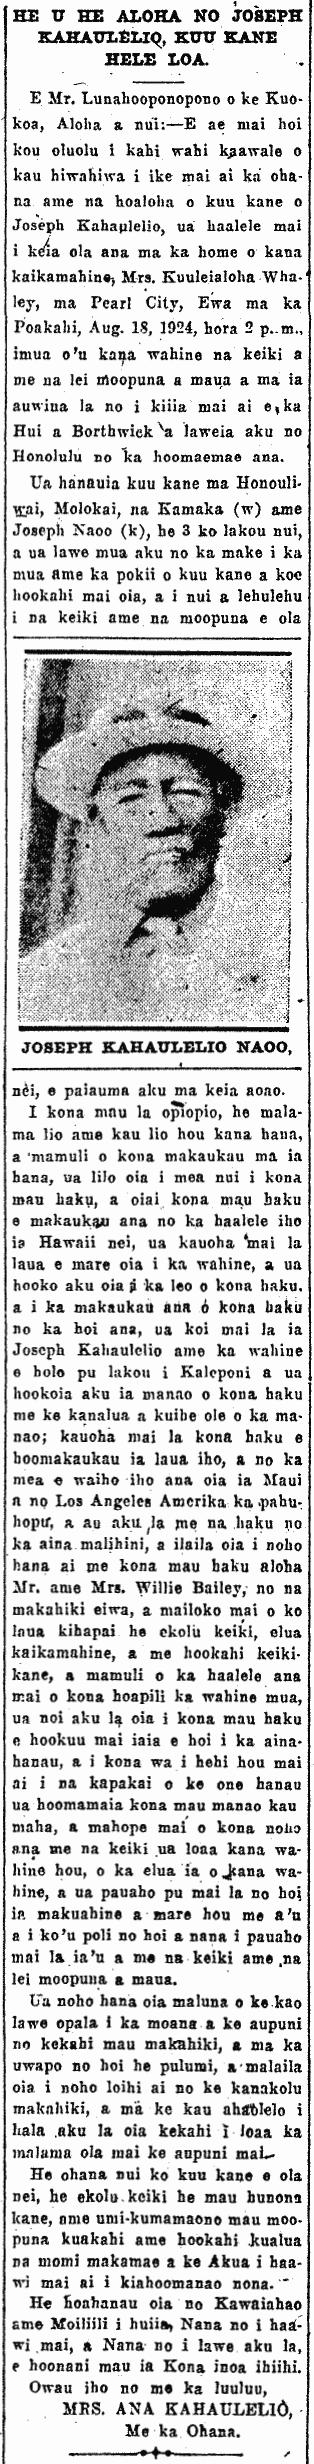 HE U HE ALOHA NO JOSEPH KAHAULELIO, KUU KANE HELE LOA.